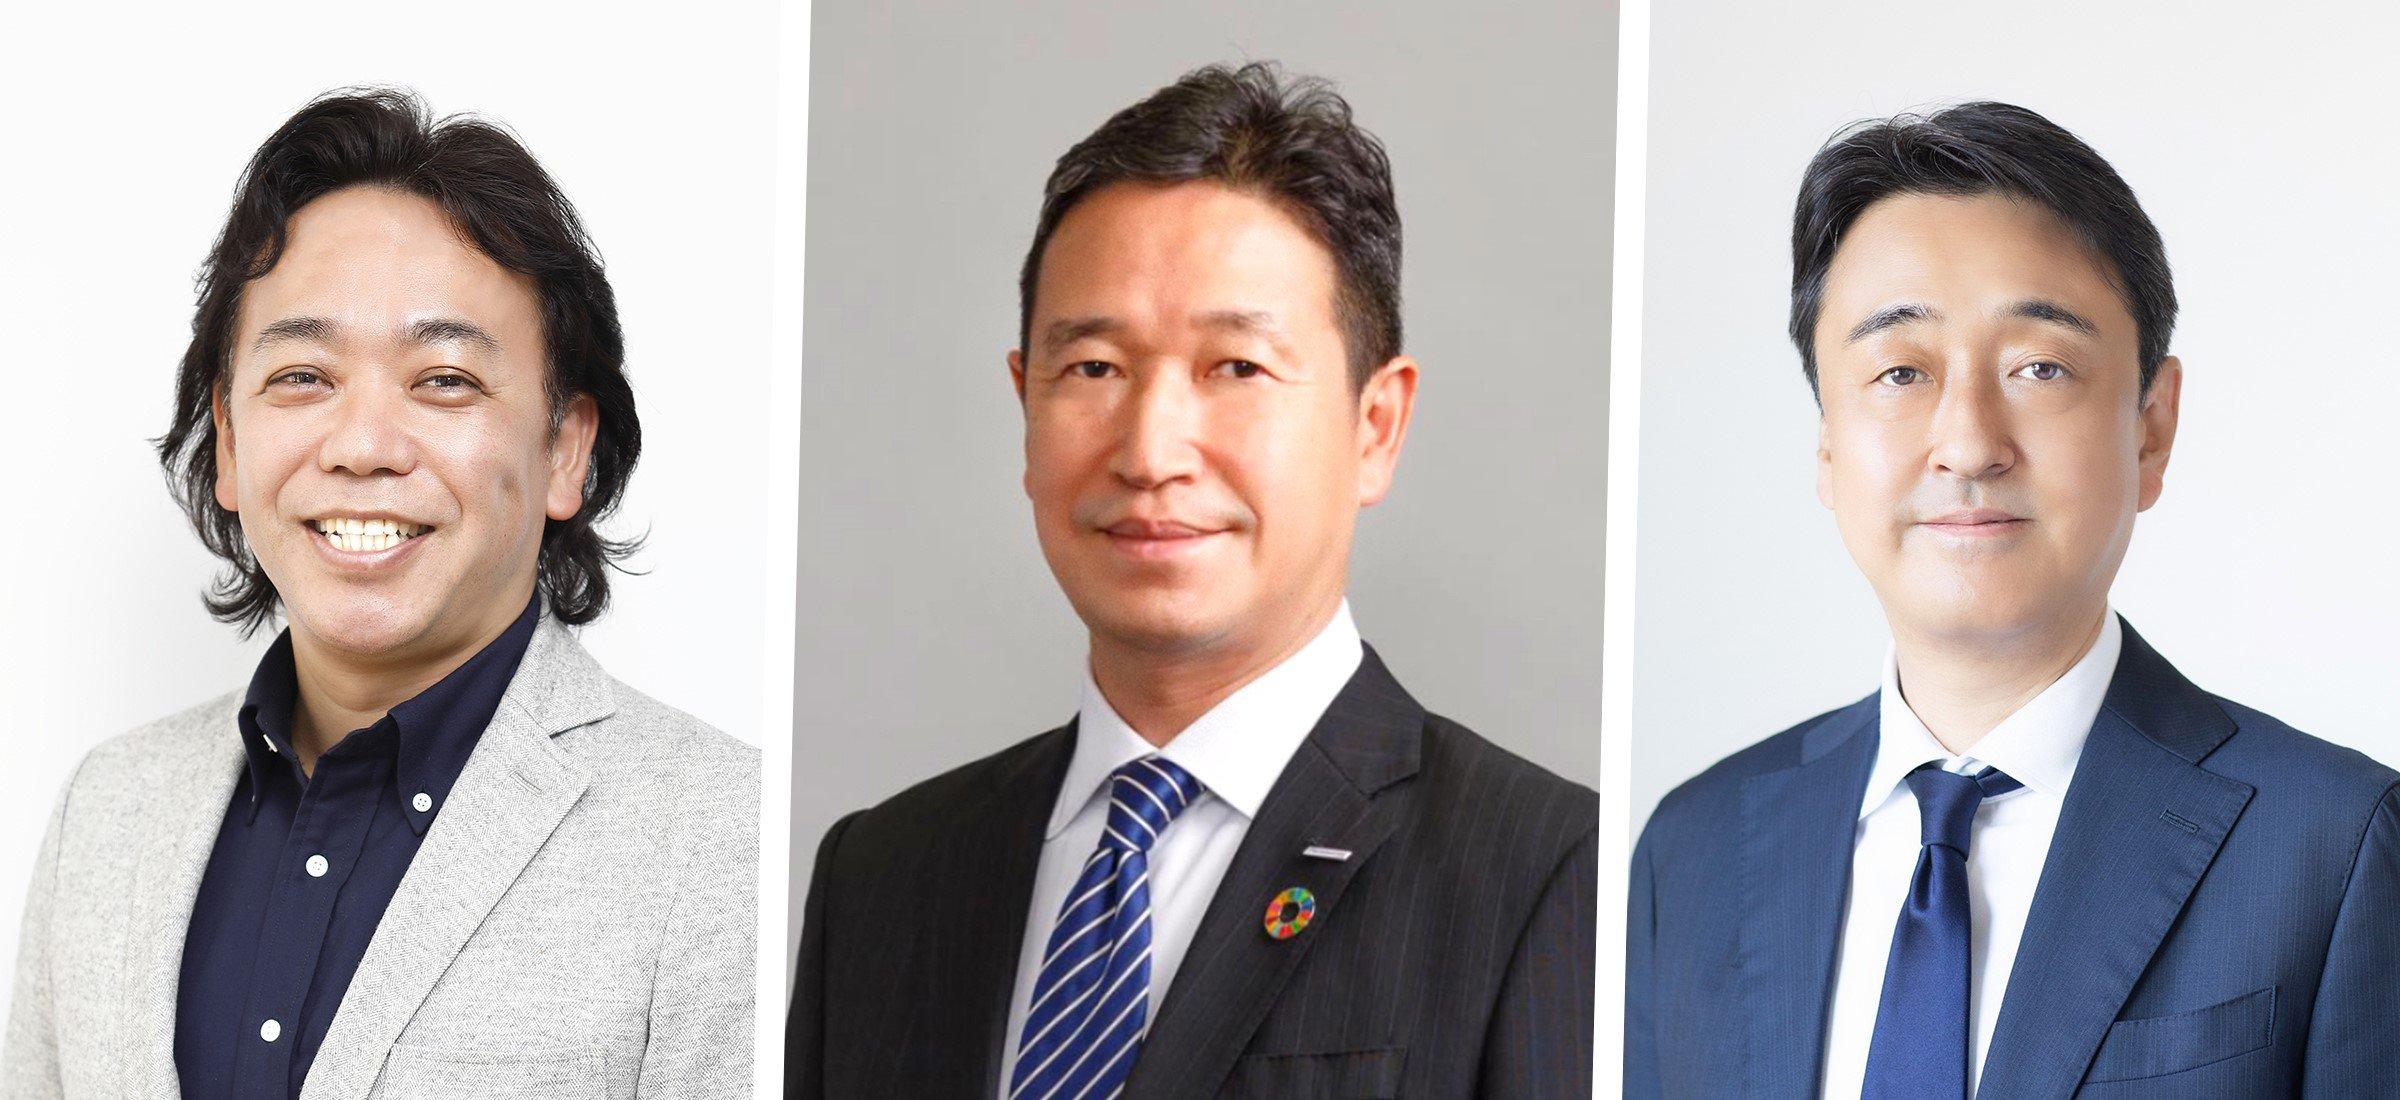 写真:2021年4月付で、デザイン担当執行役員となる臼井(左)、ブランド戦略担当執行役員となる森井(中央)、2021年5月付でチーフ・インフォメーション・オフィサー(CIO)となる玉置氏(右)